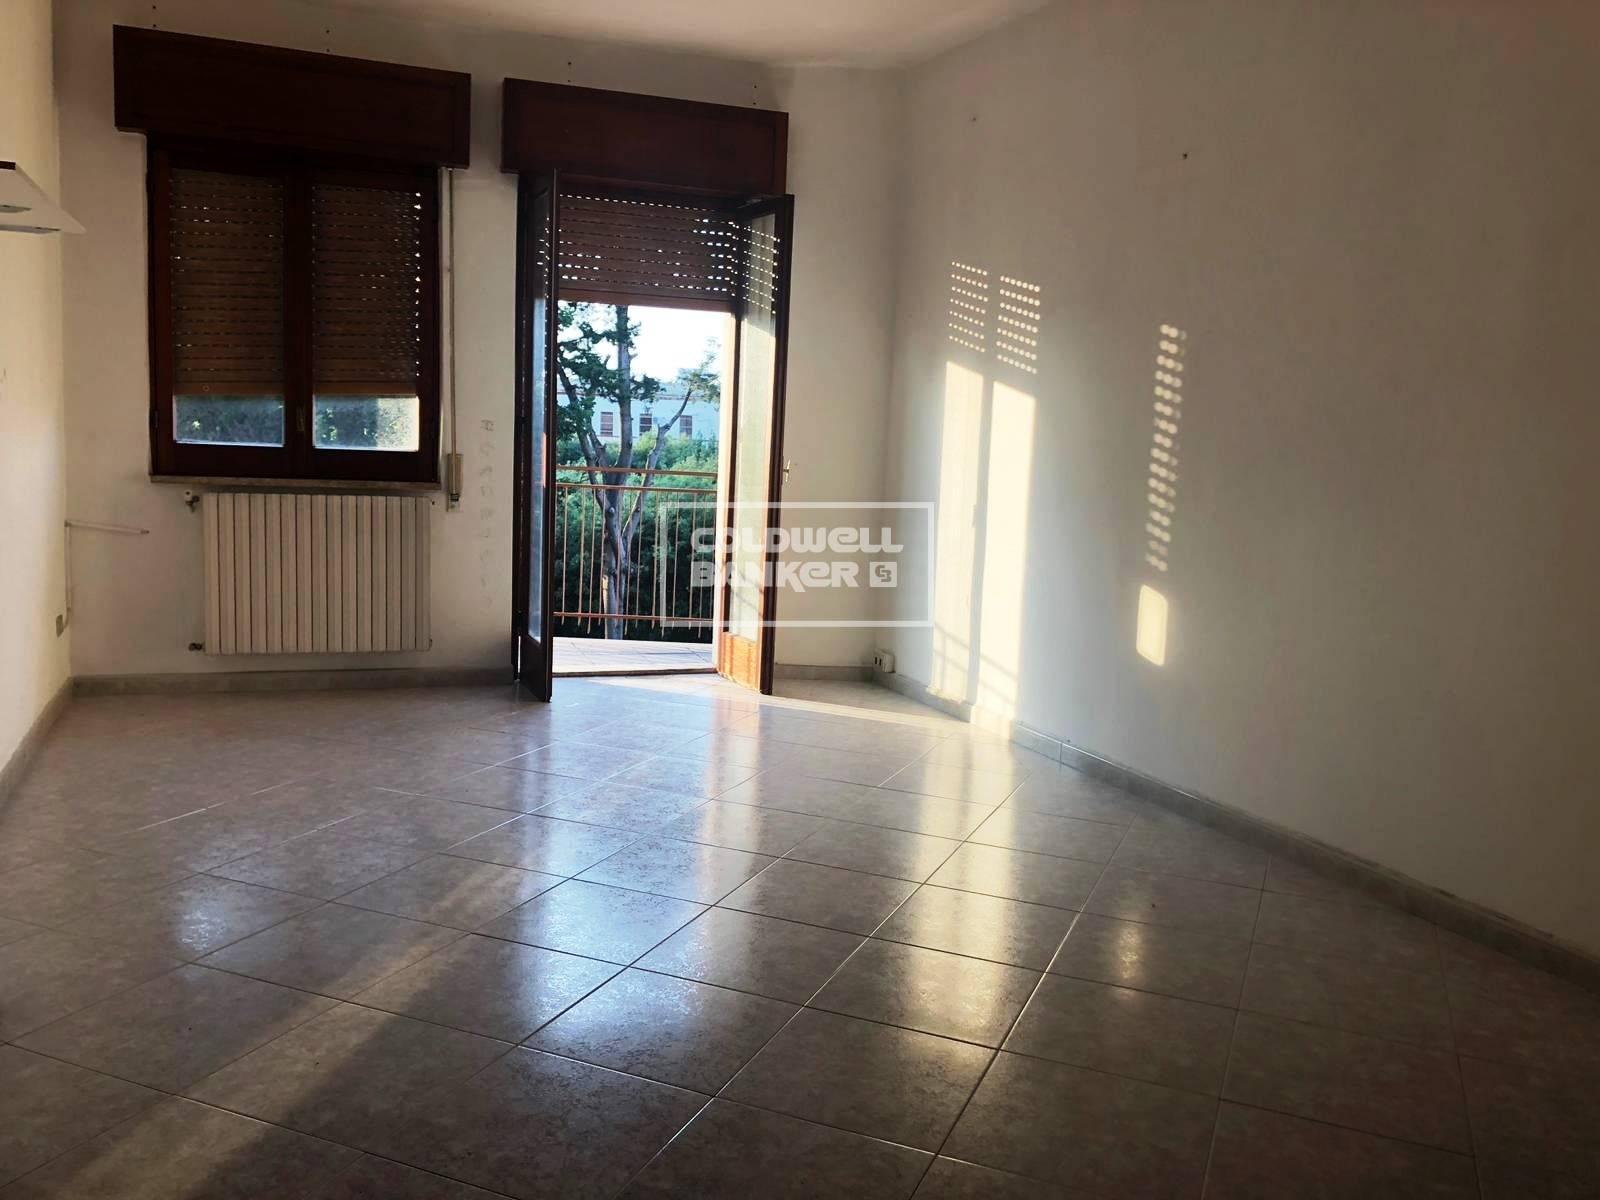 Appartamento in vendita Centro-via Vespasiano Brindisi